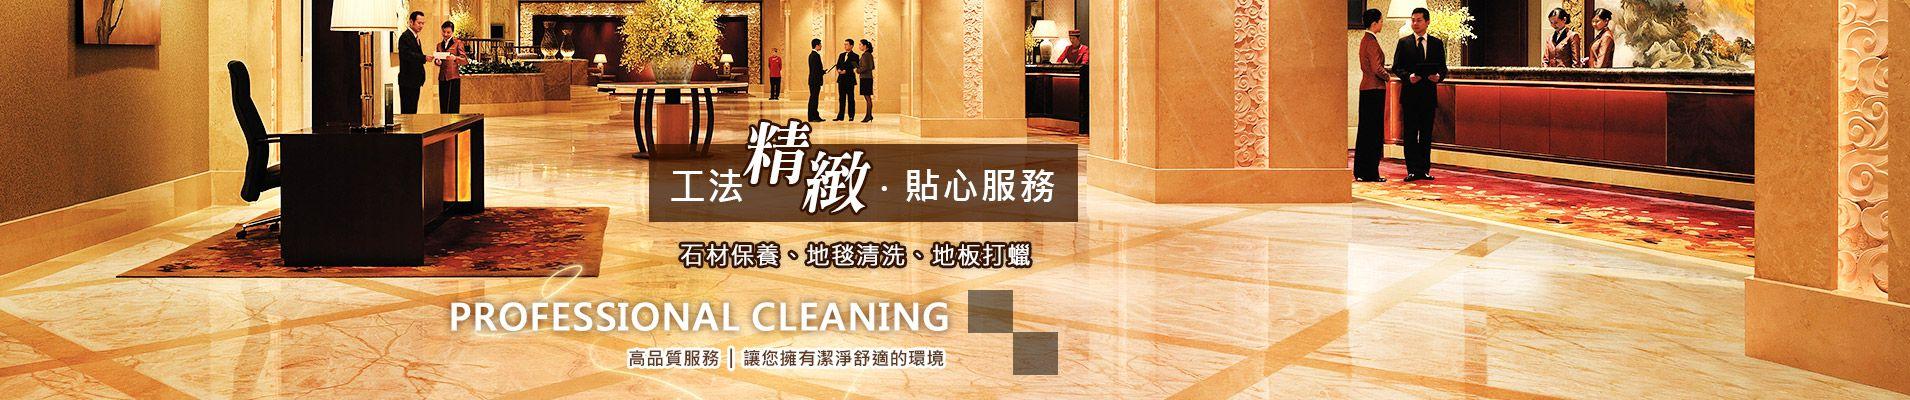 伊捷台北清潔公司